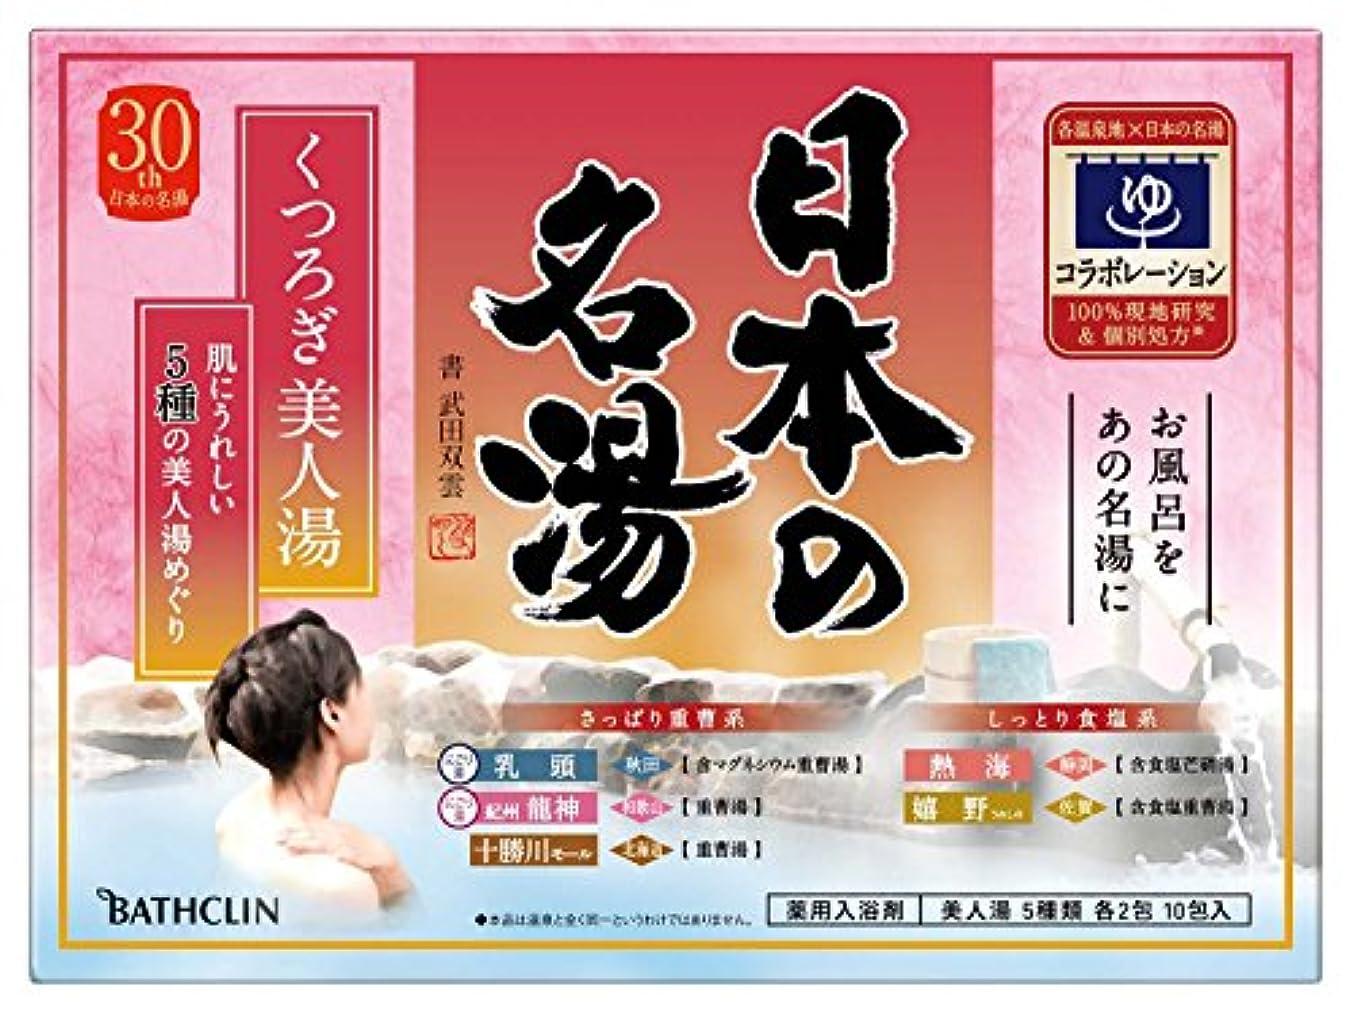 盆地スナックバックグラウンド【医薬部外品】日本の名湯入浴剤 くつろぎ美人湯 30g ×10包 個包装 詰め合わせ 温泉タイプ